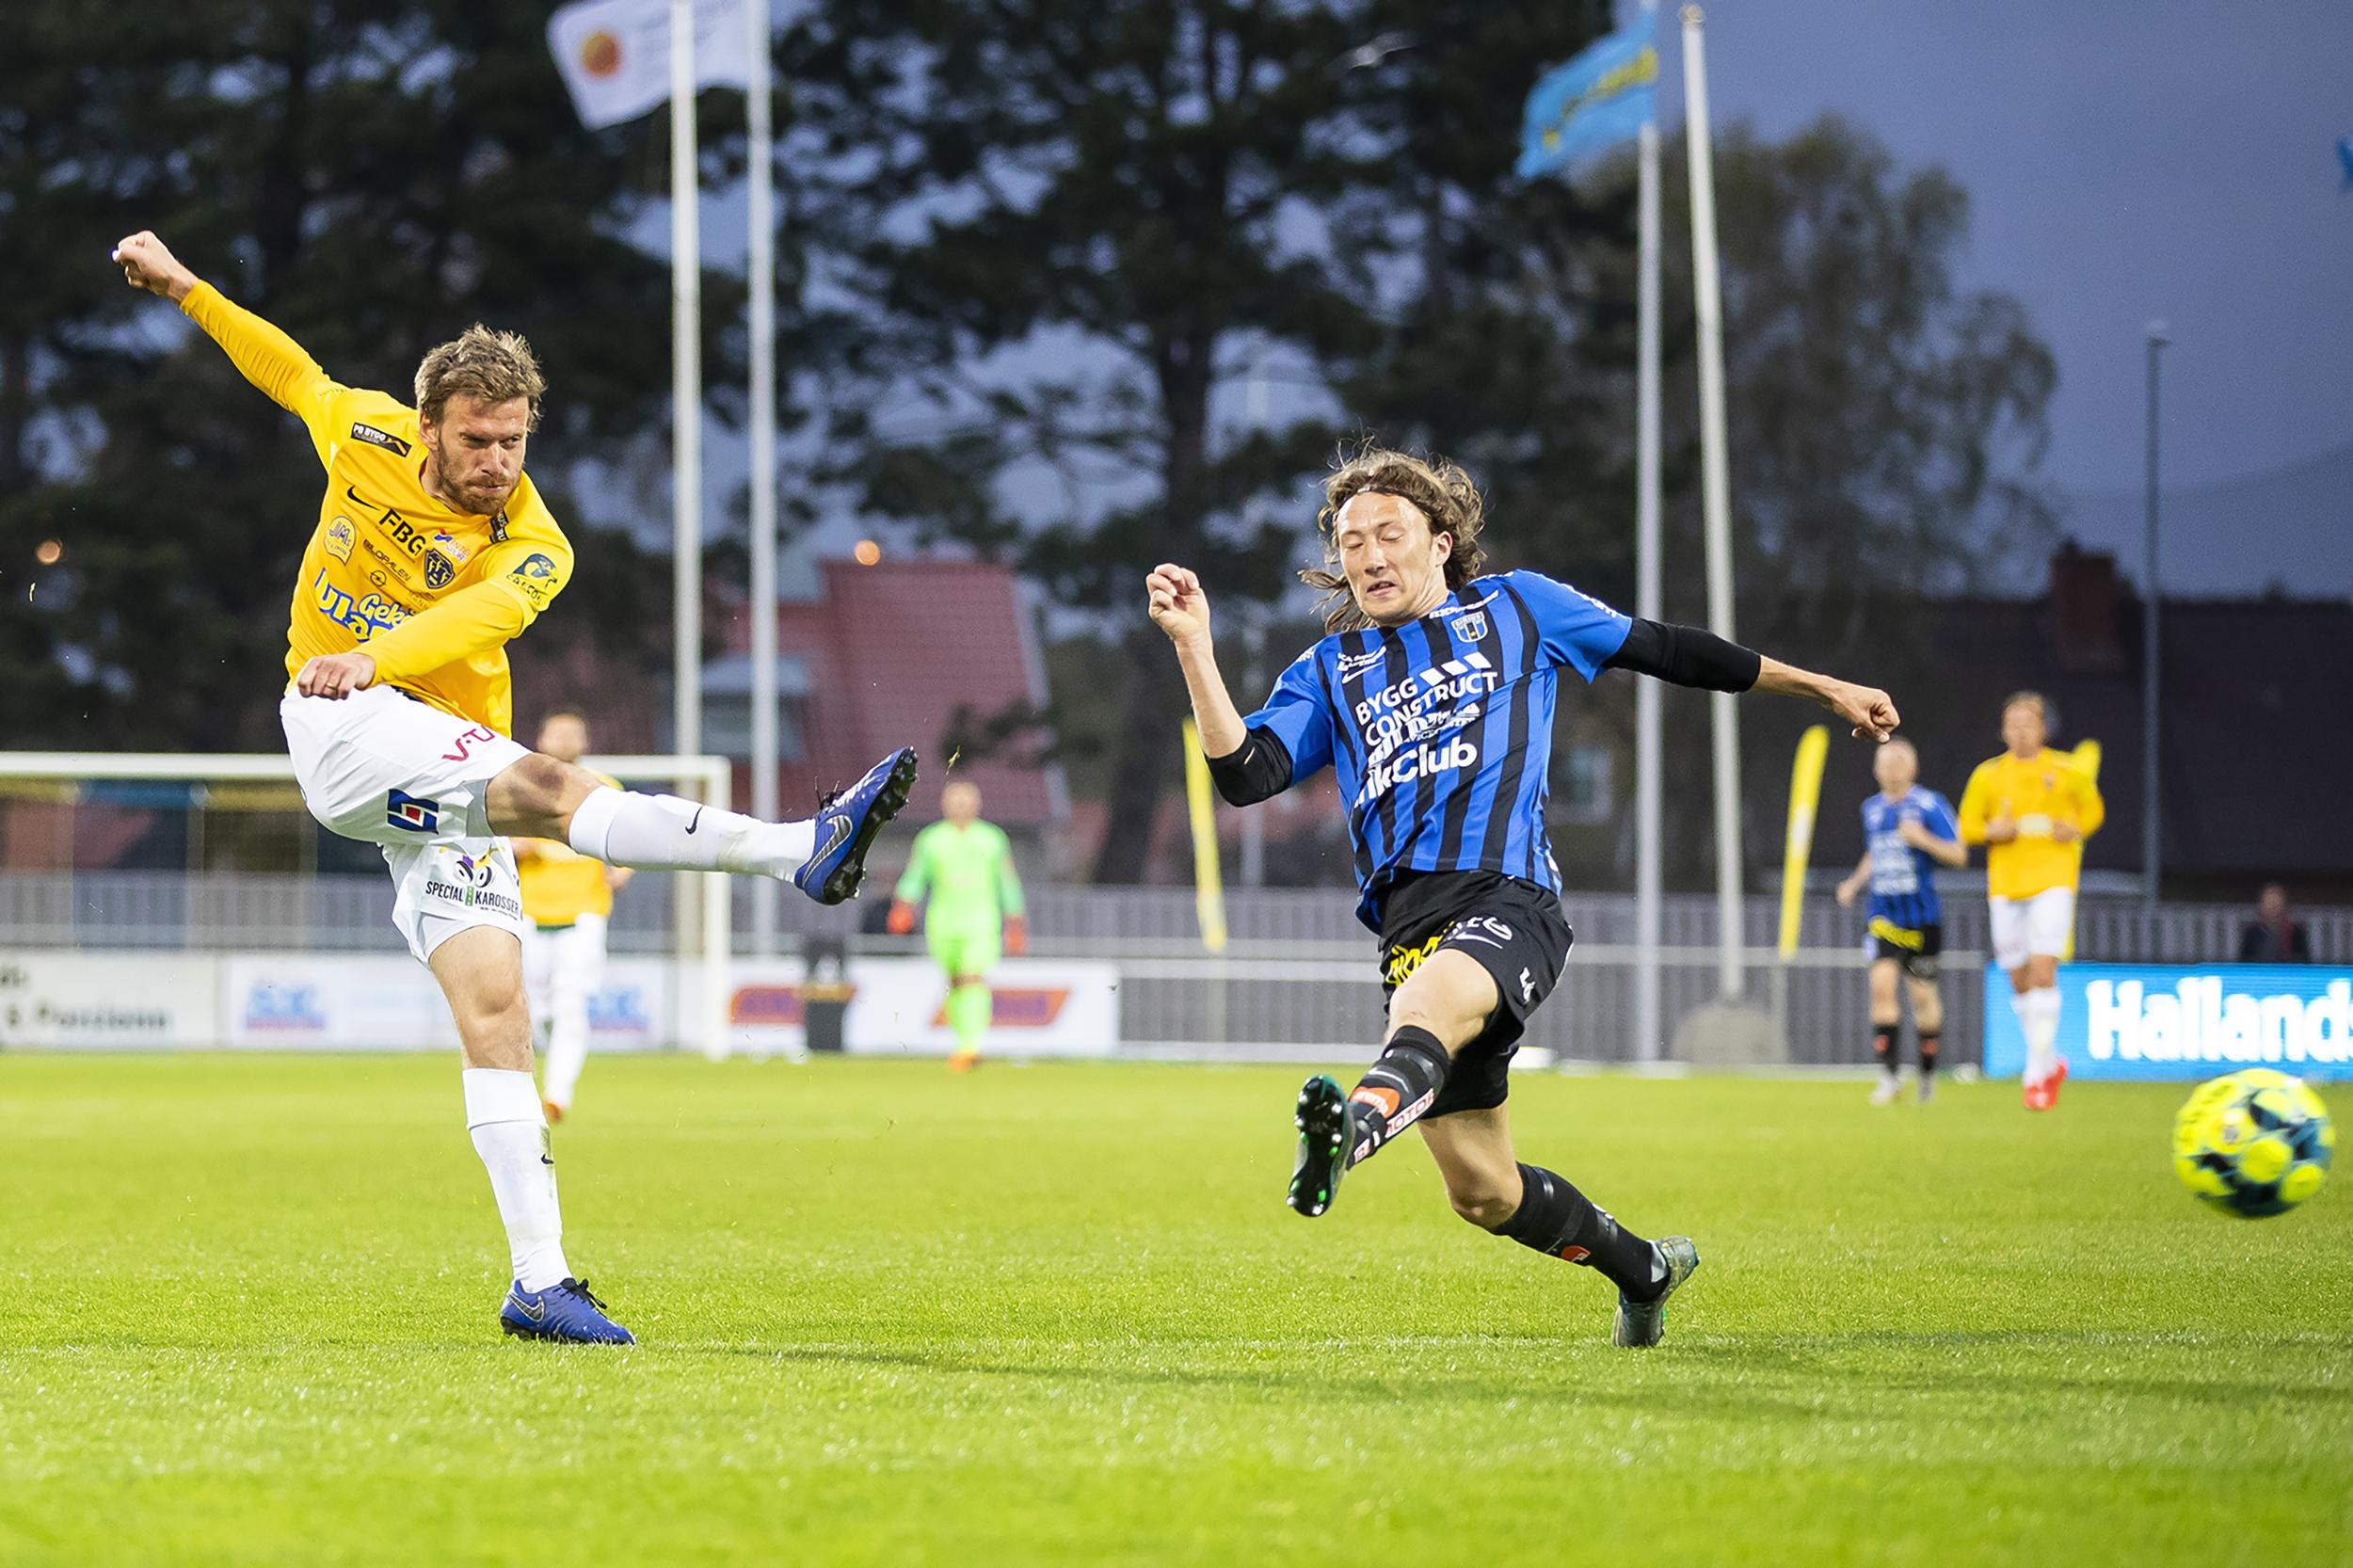 """Inför GIF Sundsvall Away: """"Känner att vi har chans att vinna"""""""